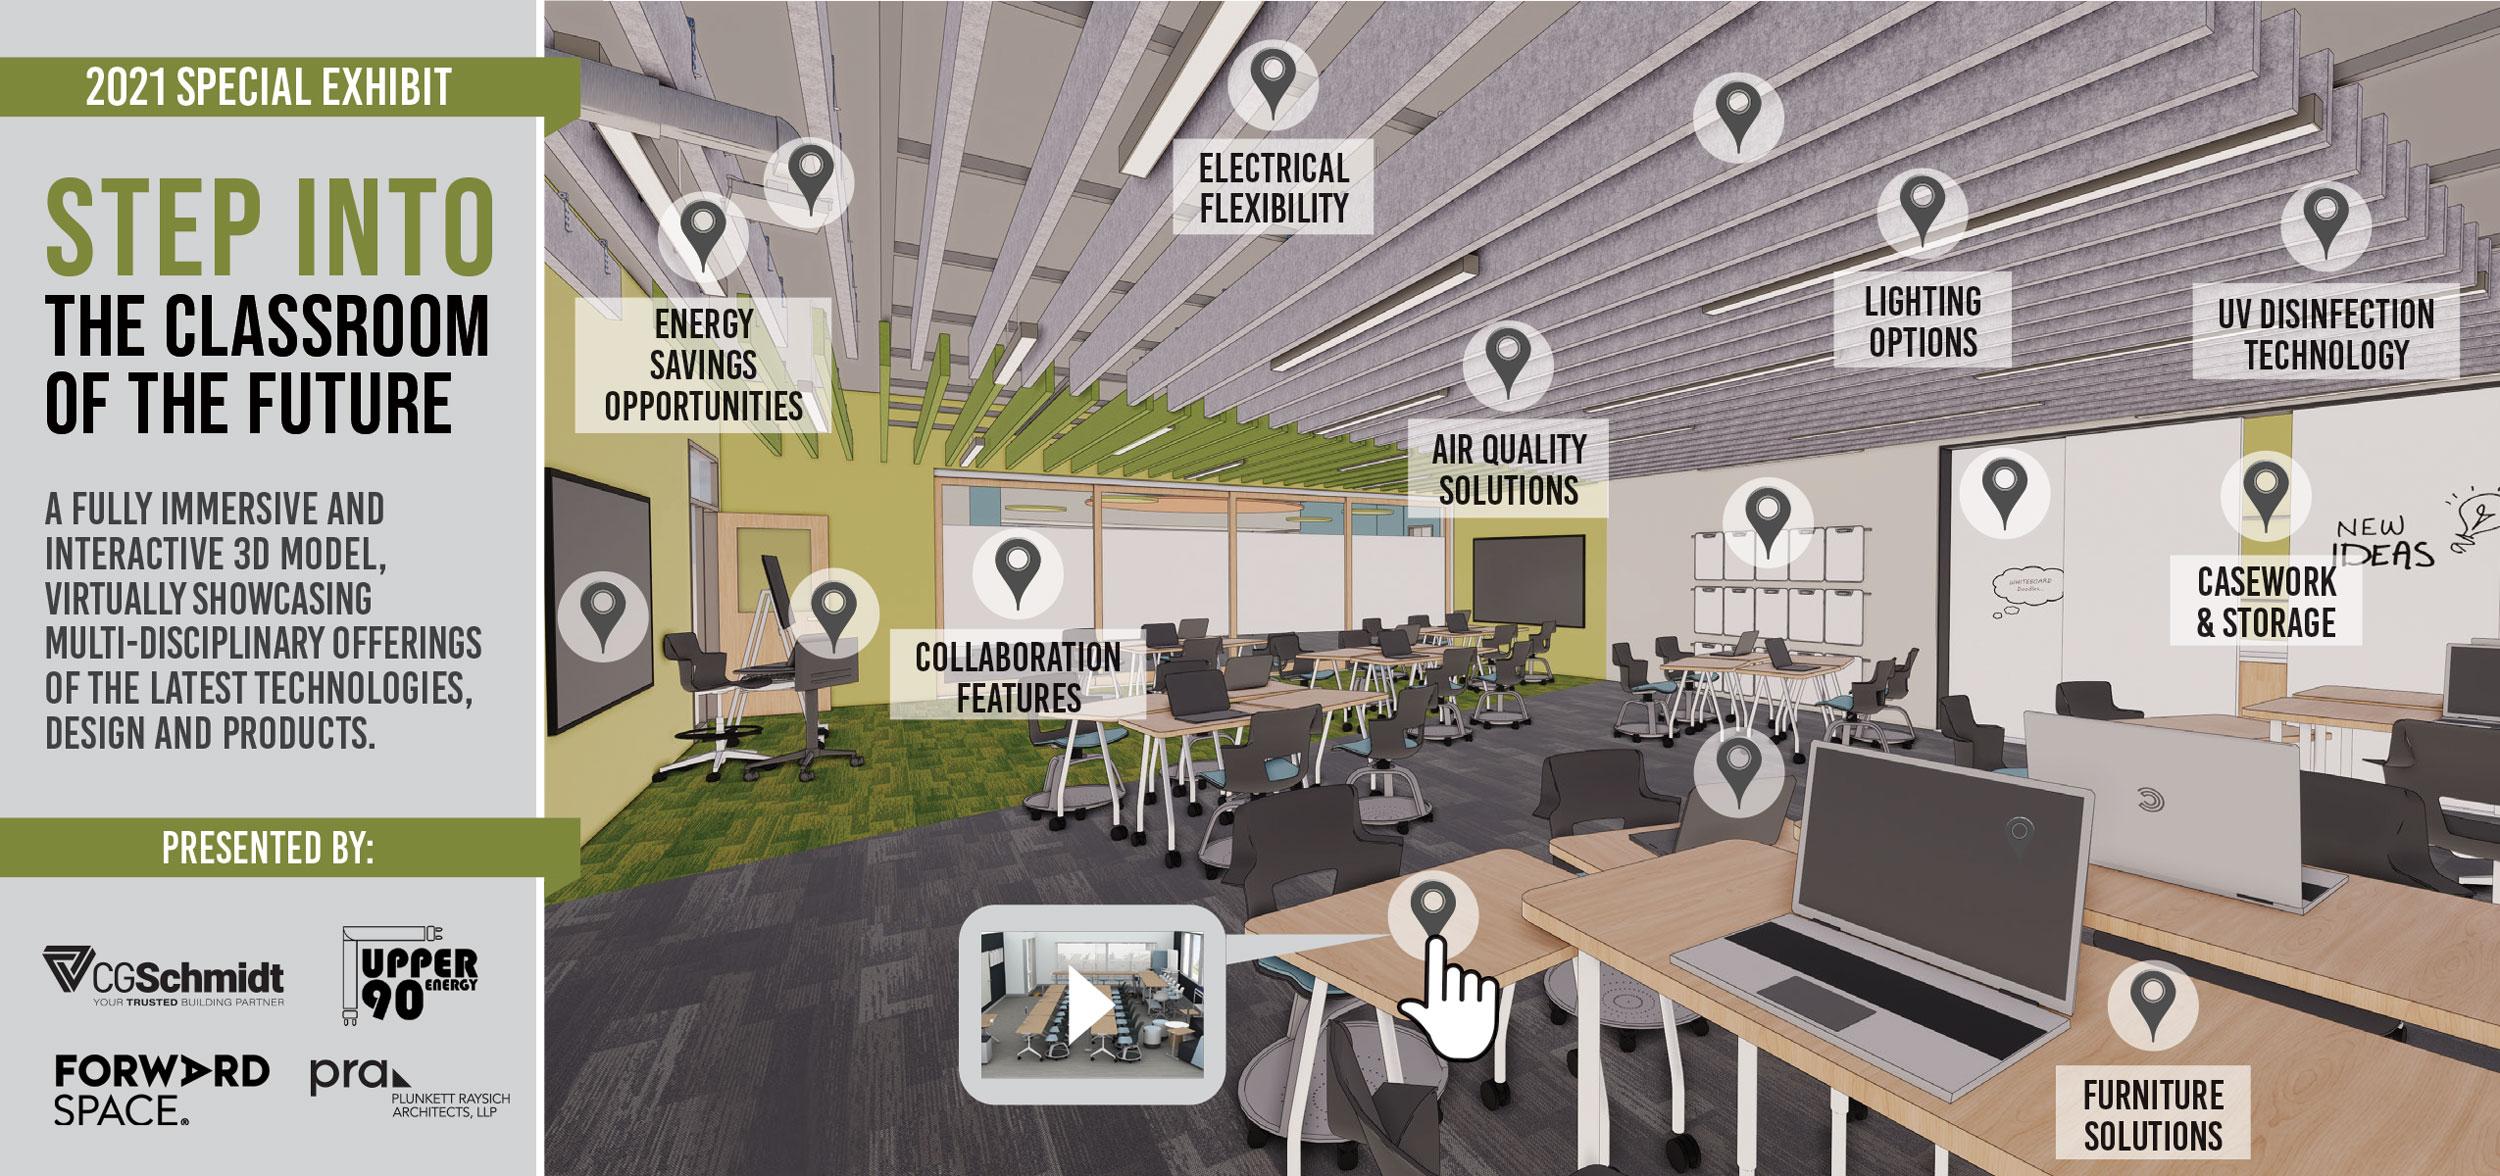 Image Classroom of the Future